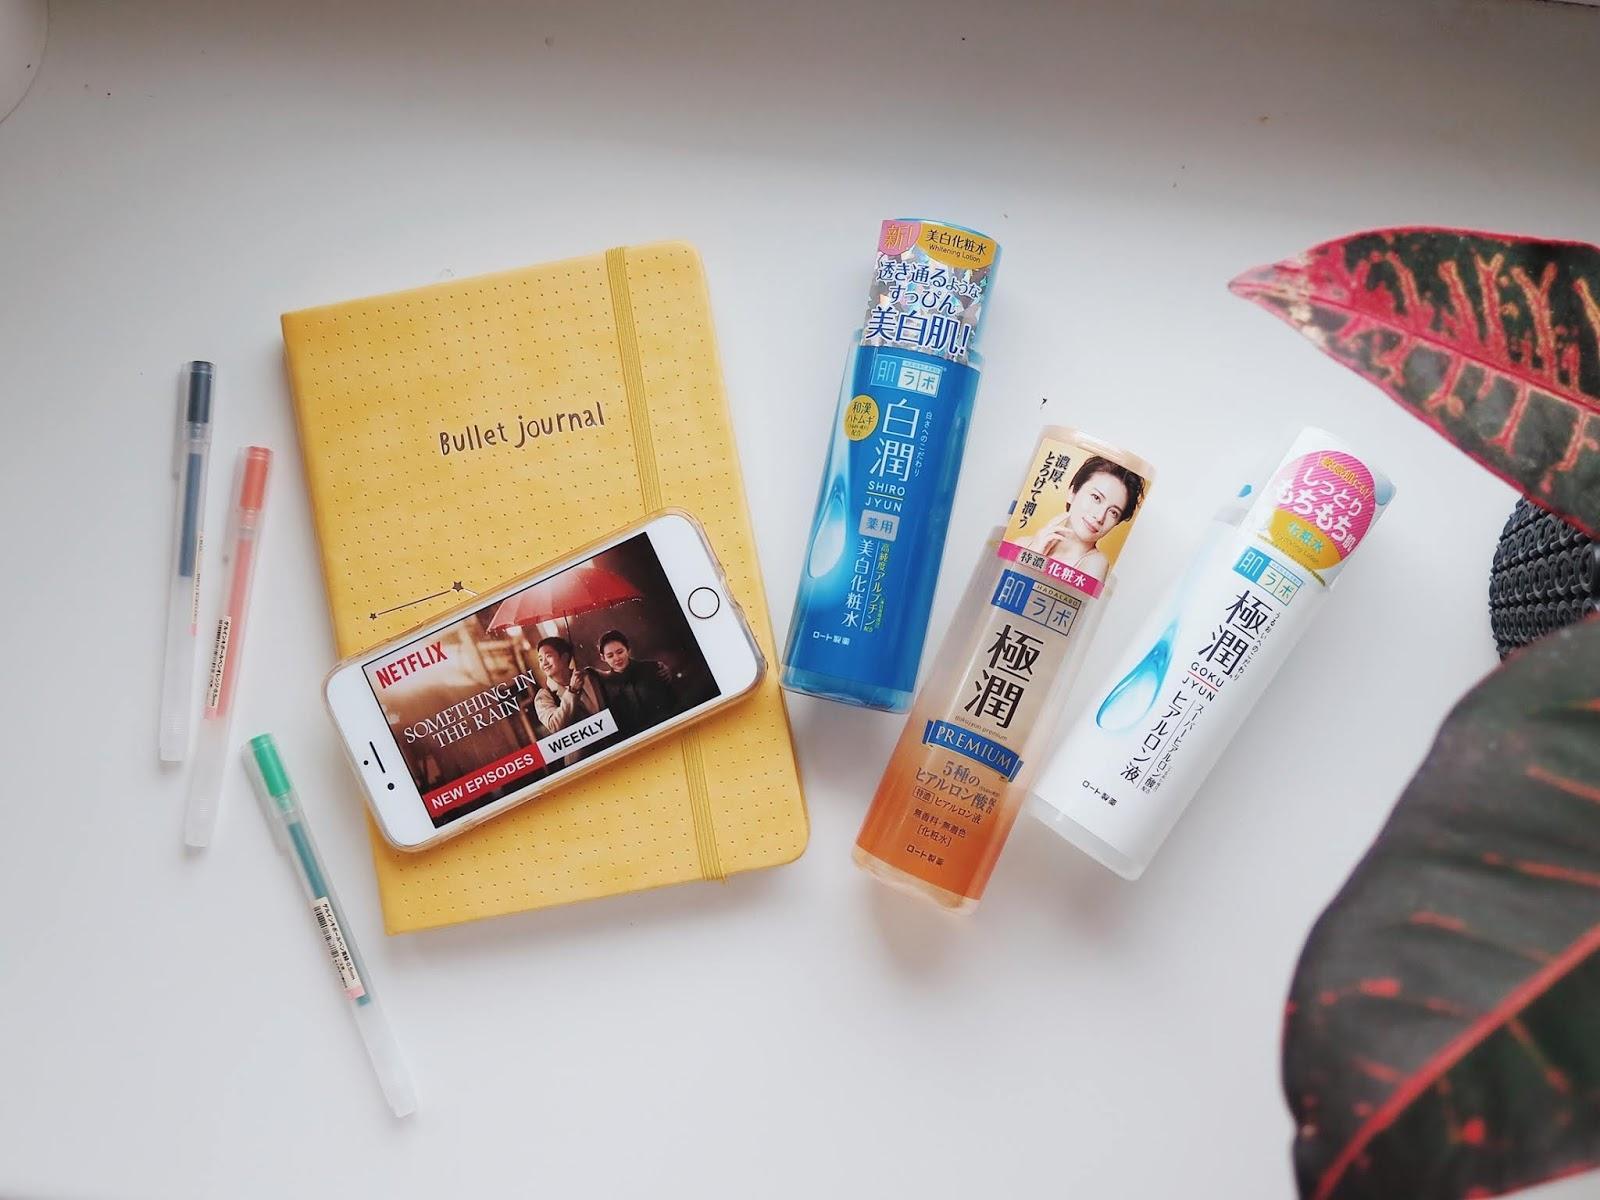 Ostatni miesiąc | Luty 2019 - Bullet Journal, J-Beauty i nowa drama